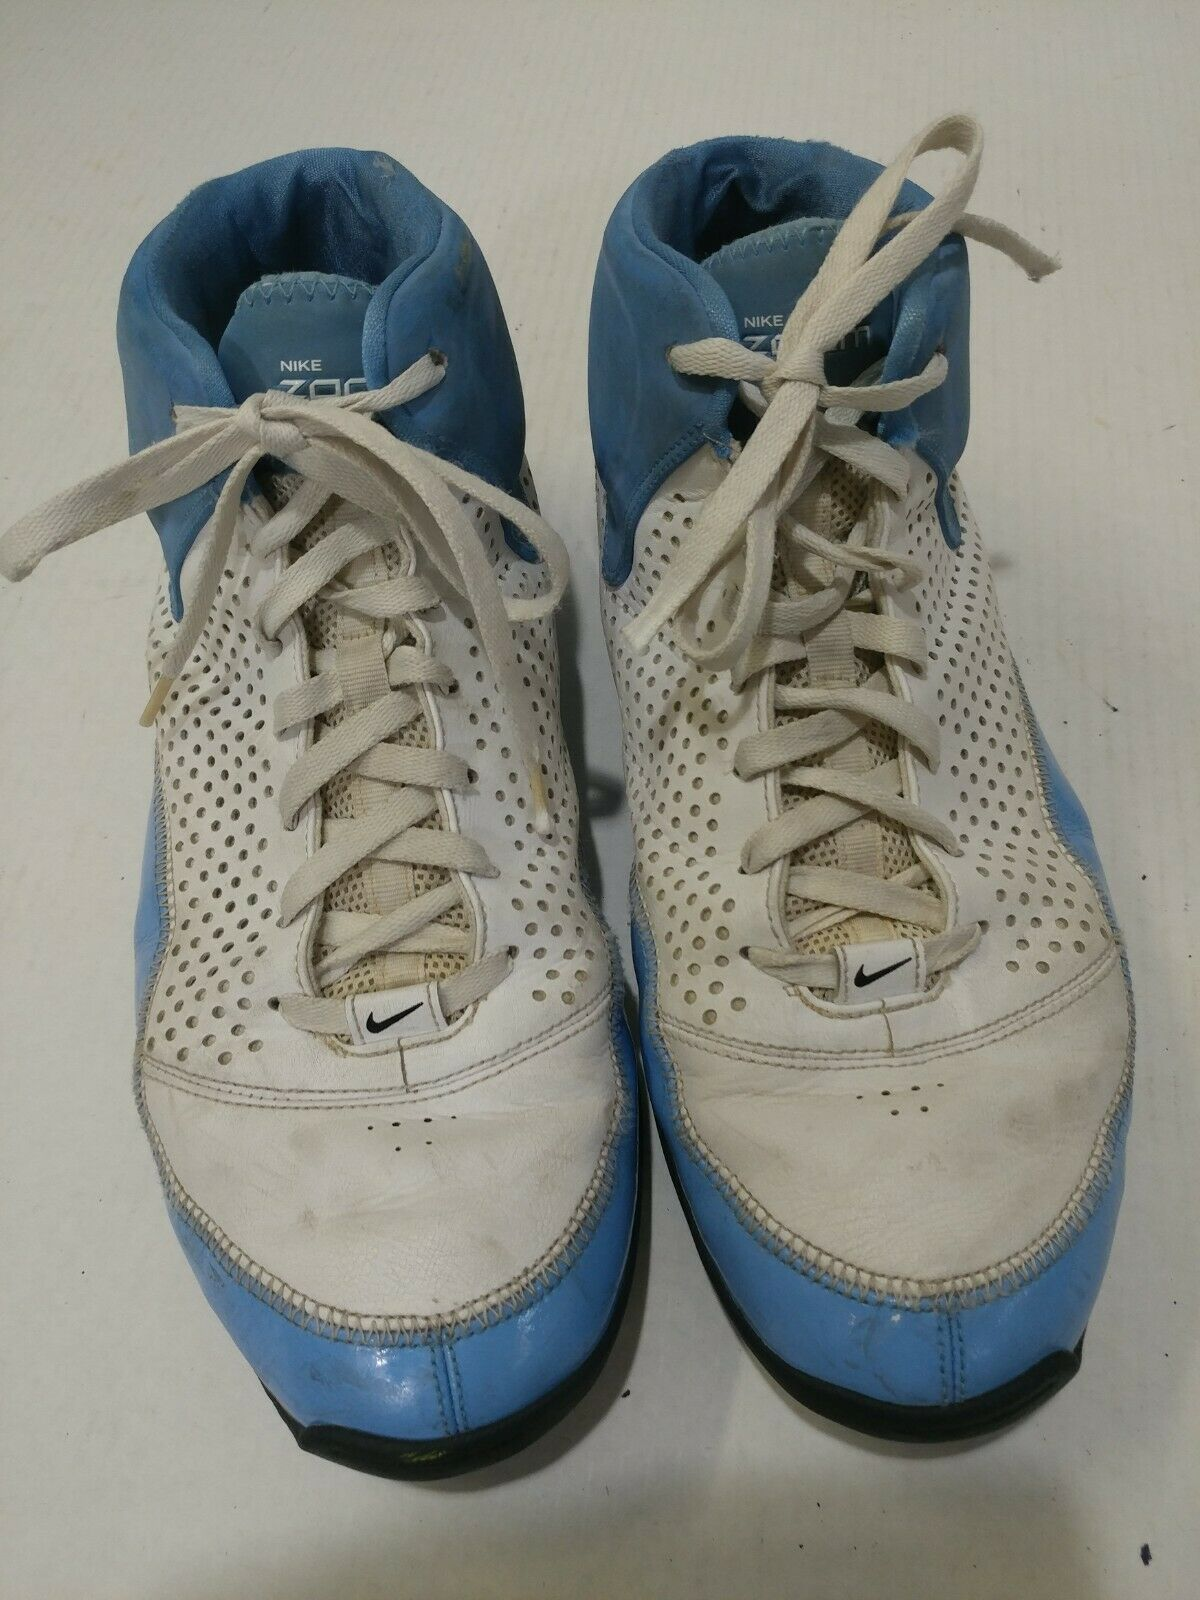 Nike zoom scarpe da basket 317993-101 uomini sz 13 13 13   Resistenza Forte Da Calore E Resistente  6c3791